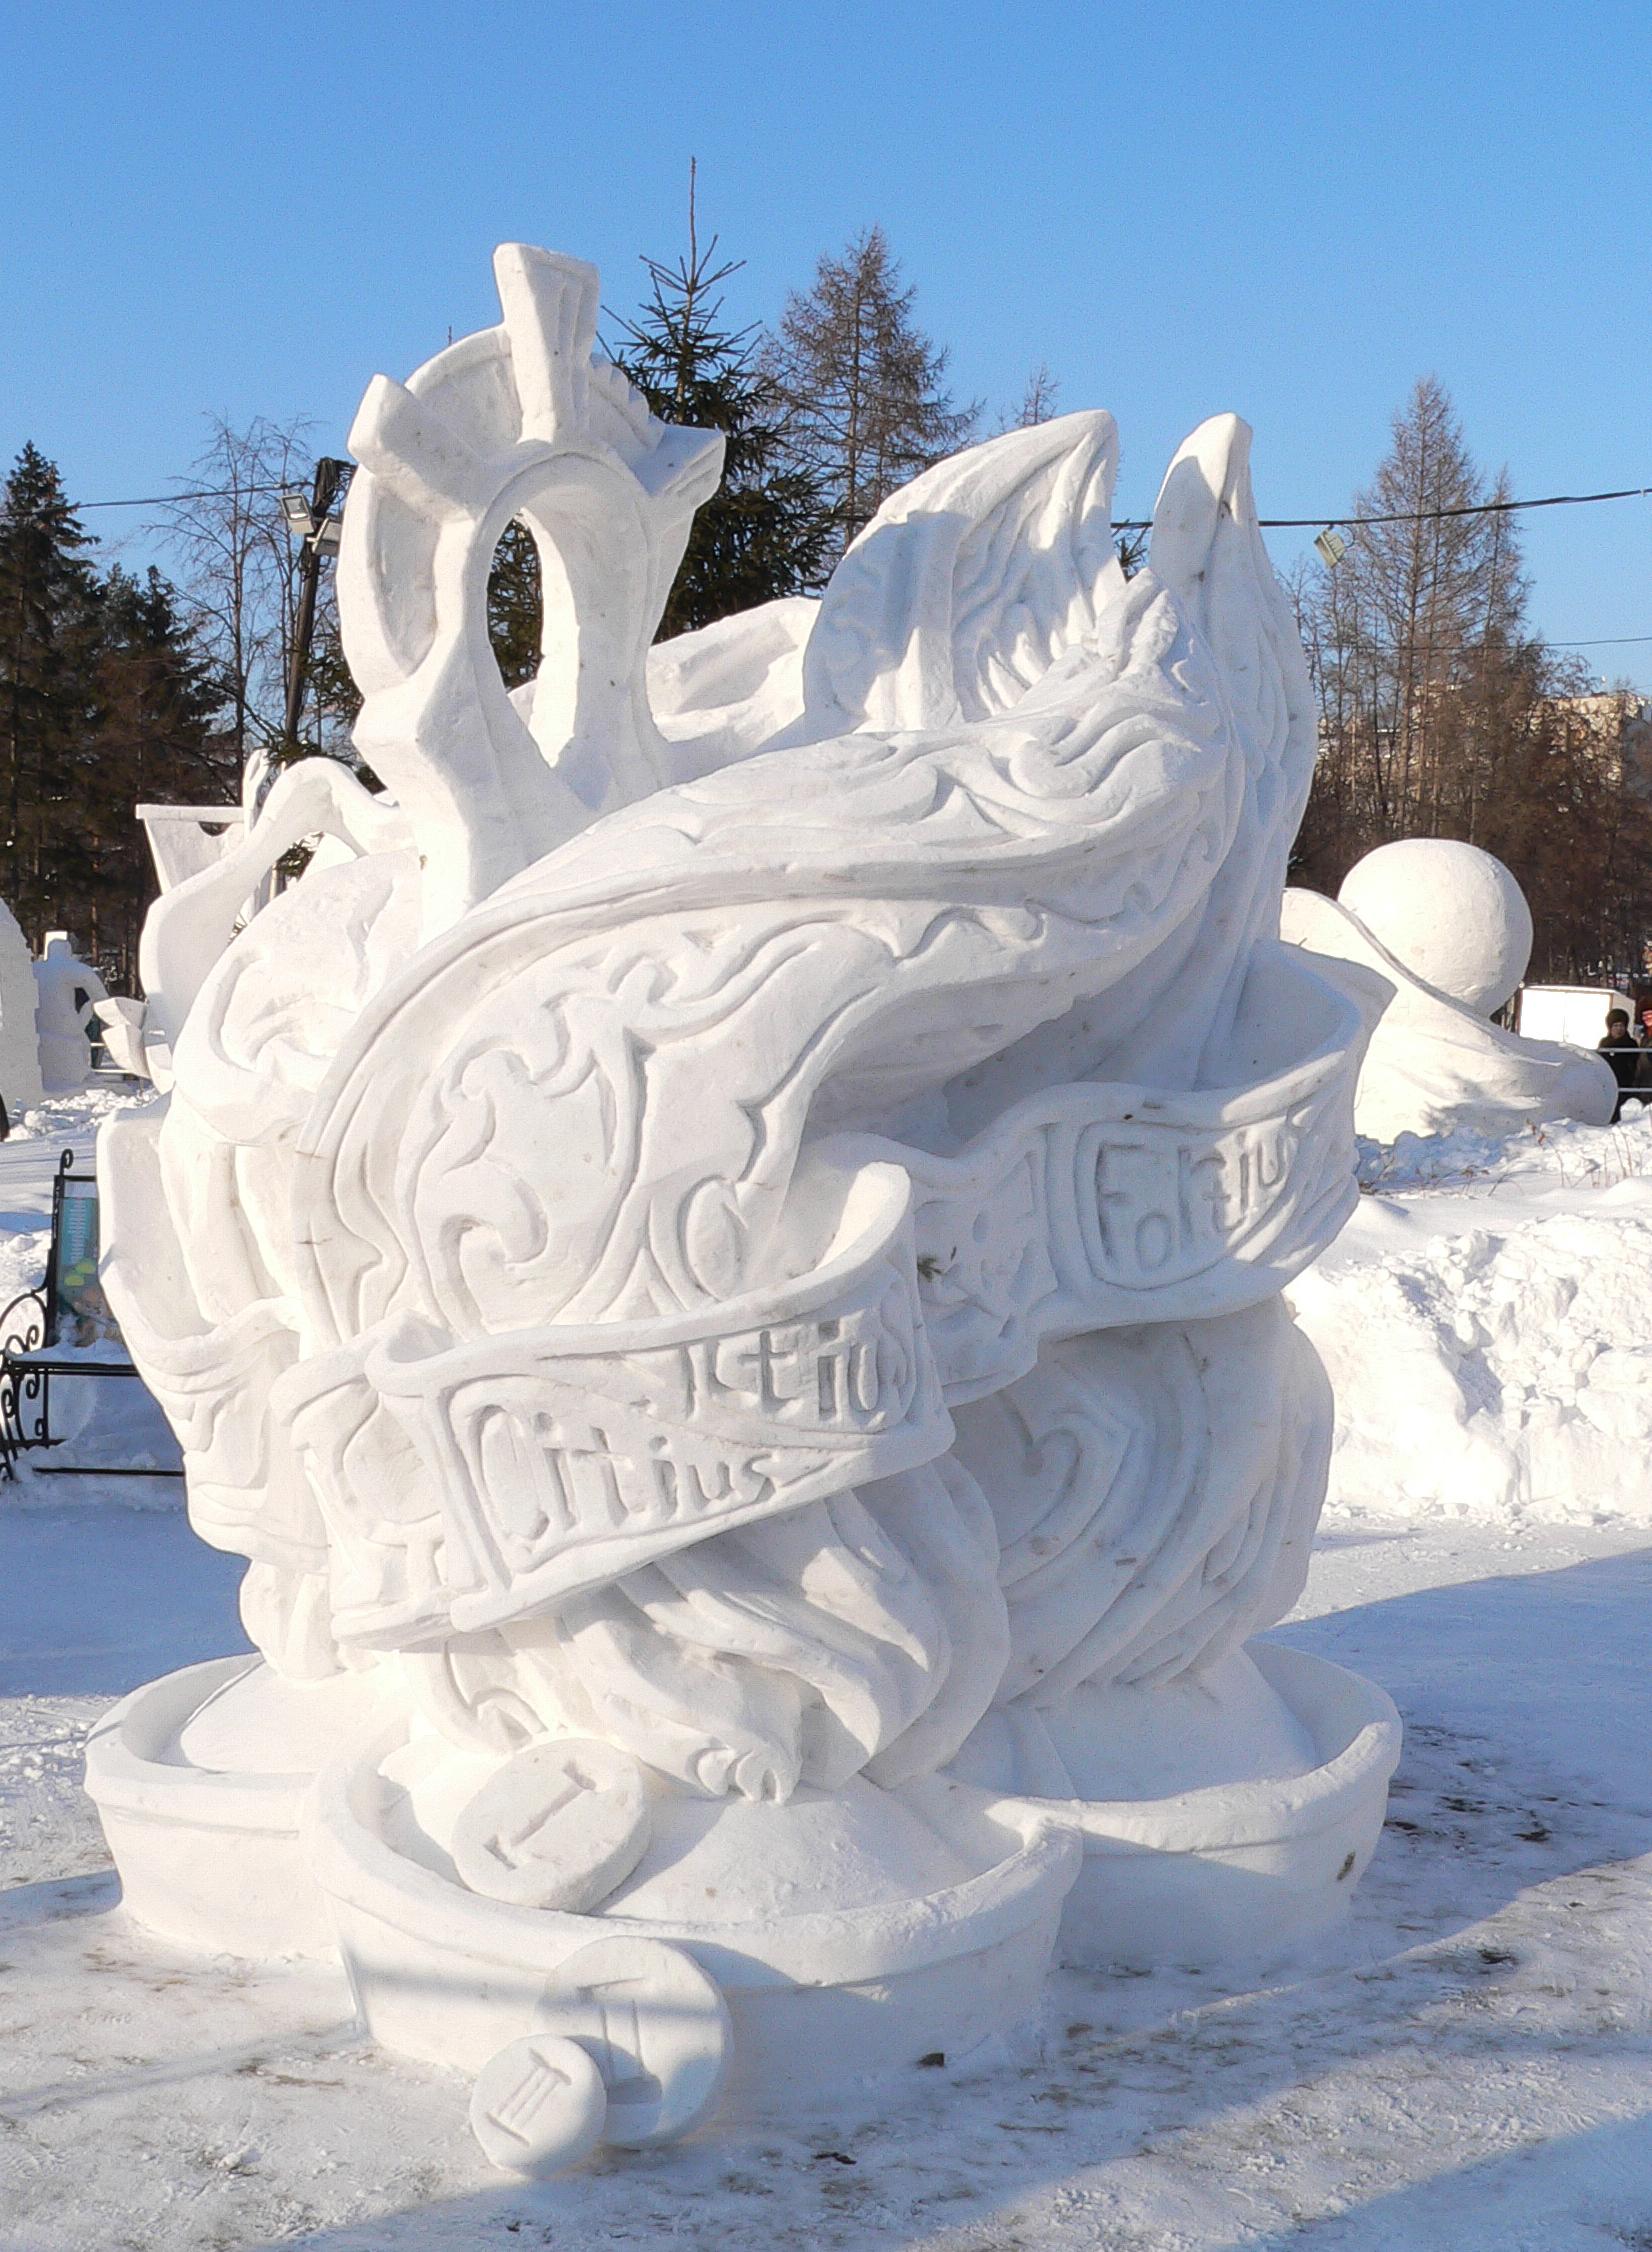 Фотография-снежной-скульптуры-Быстрее-Выше-Сильнее